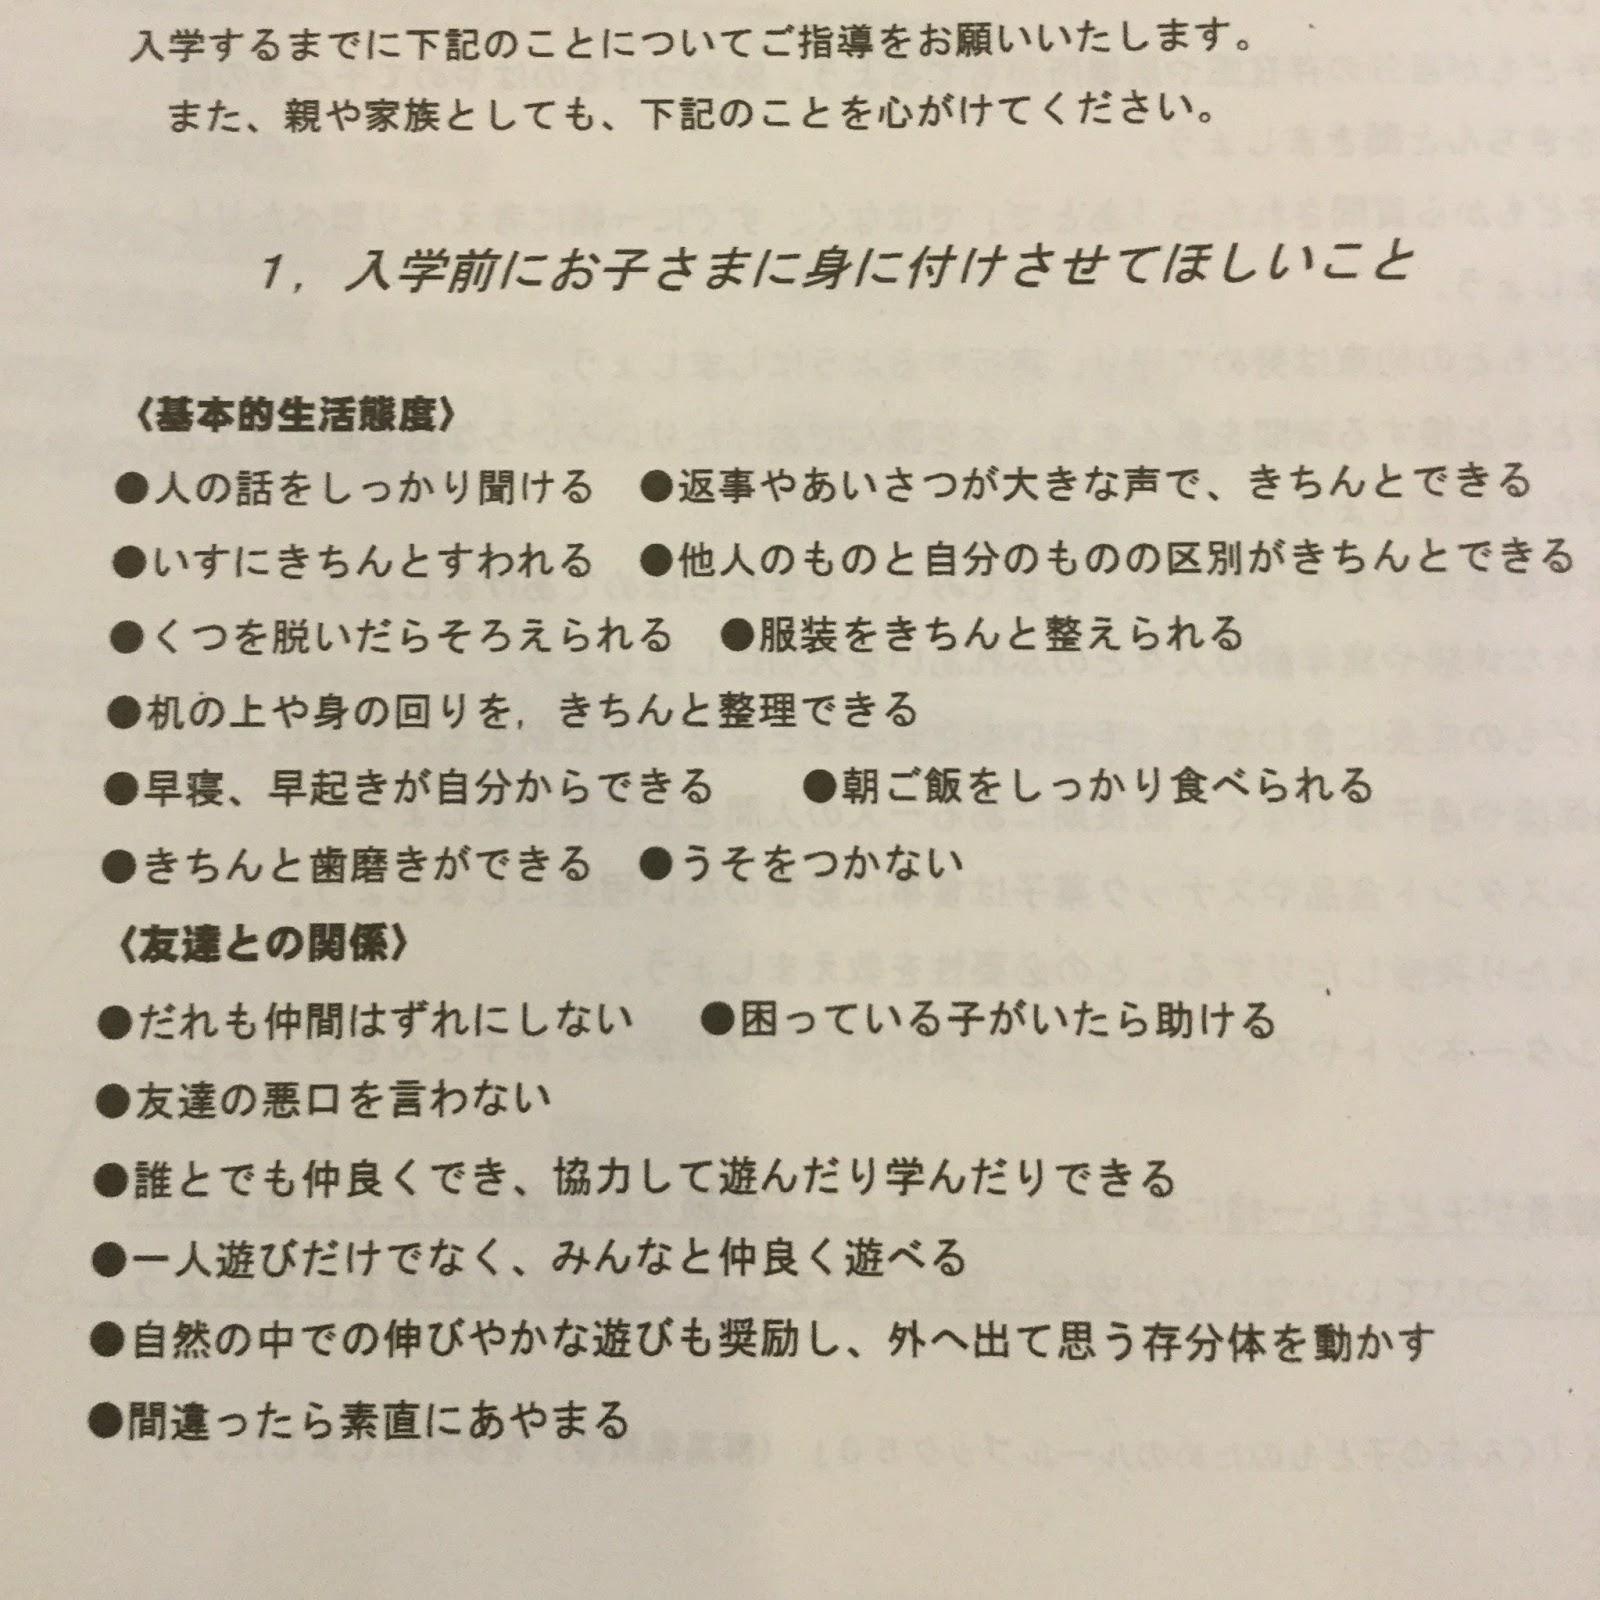 Lista de comportamentos esperados dos alunos no Japão